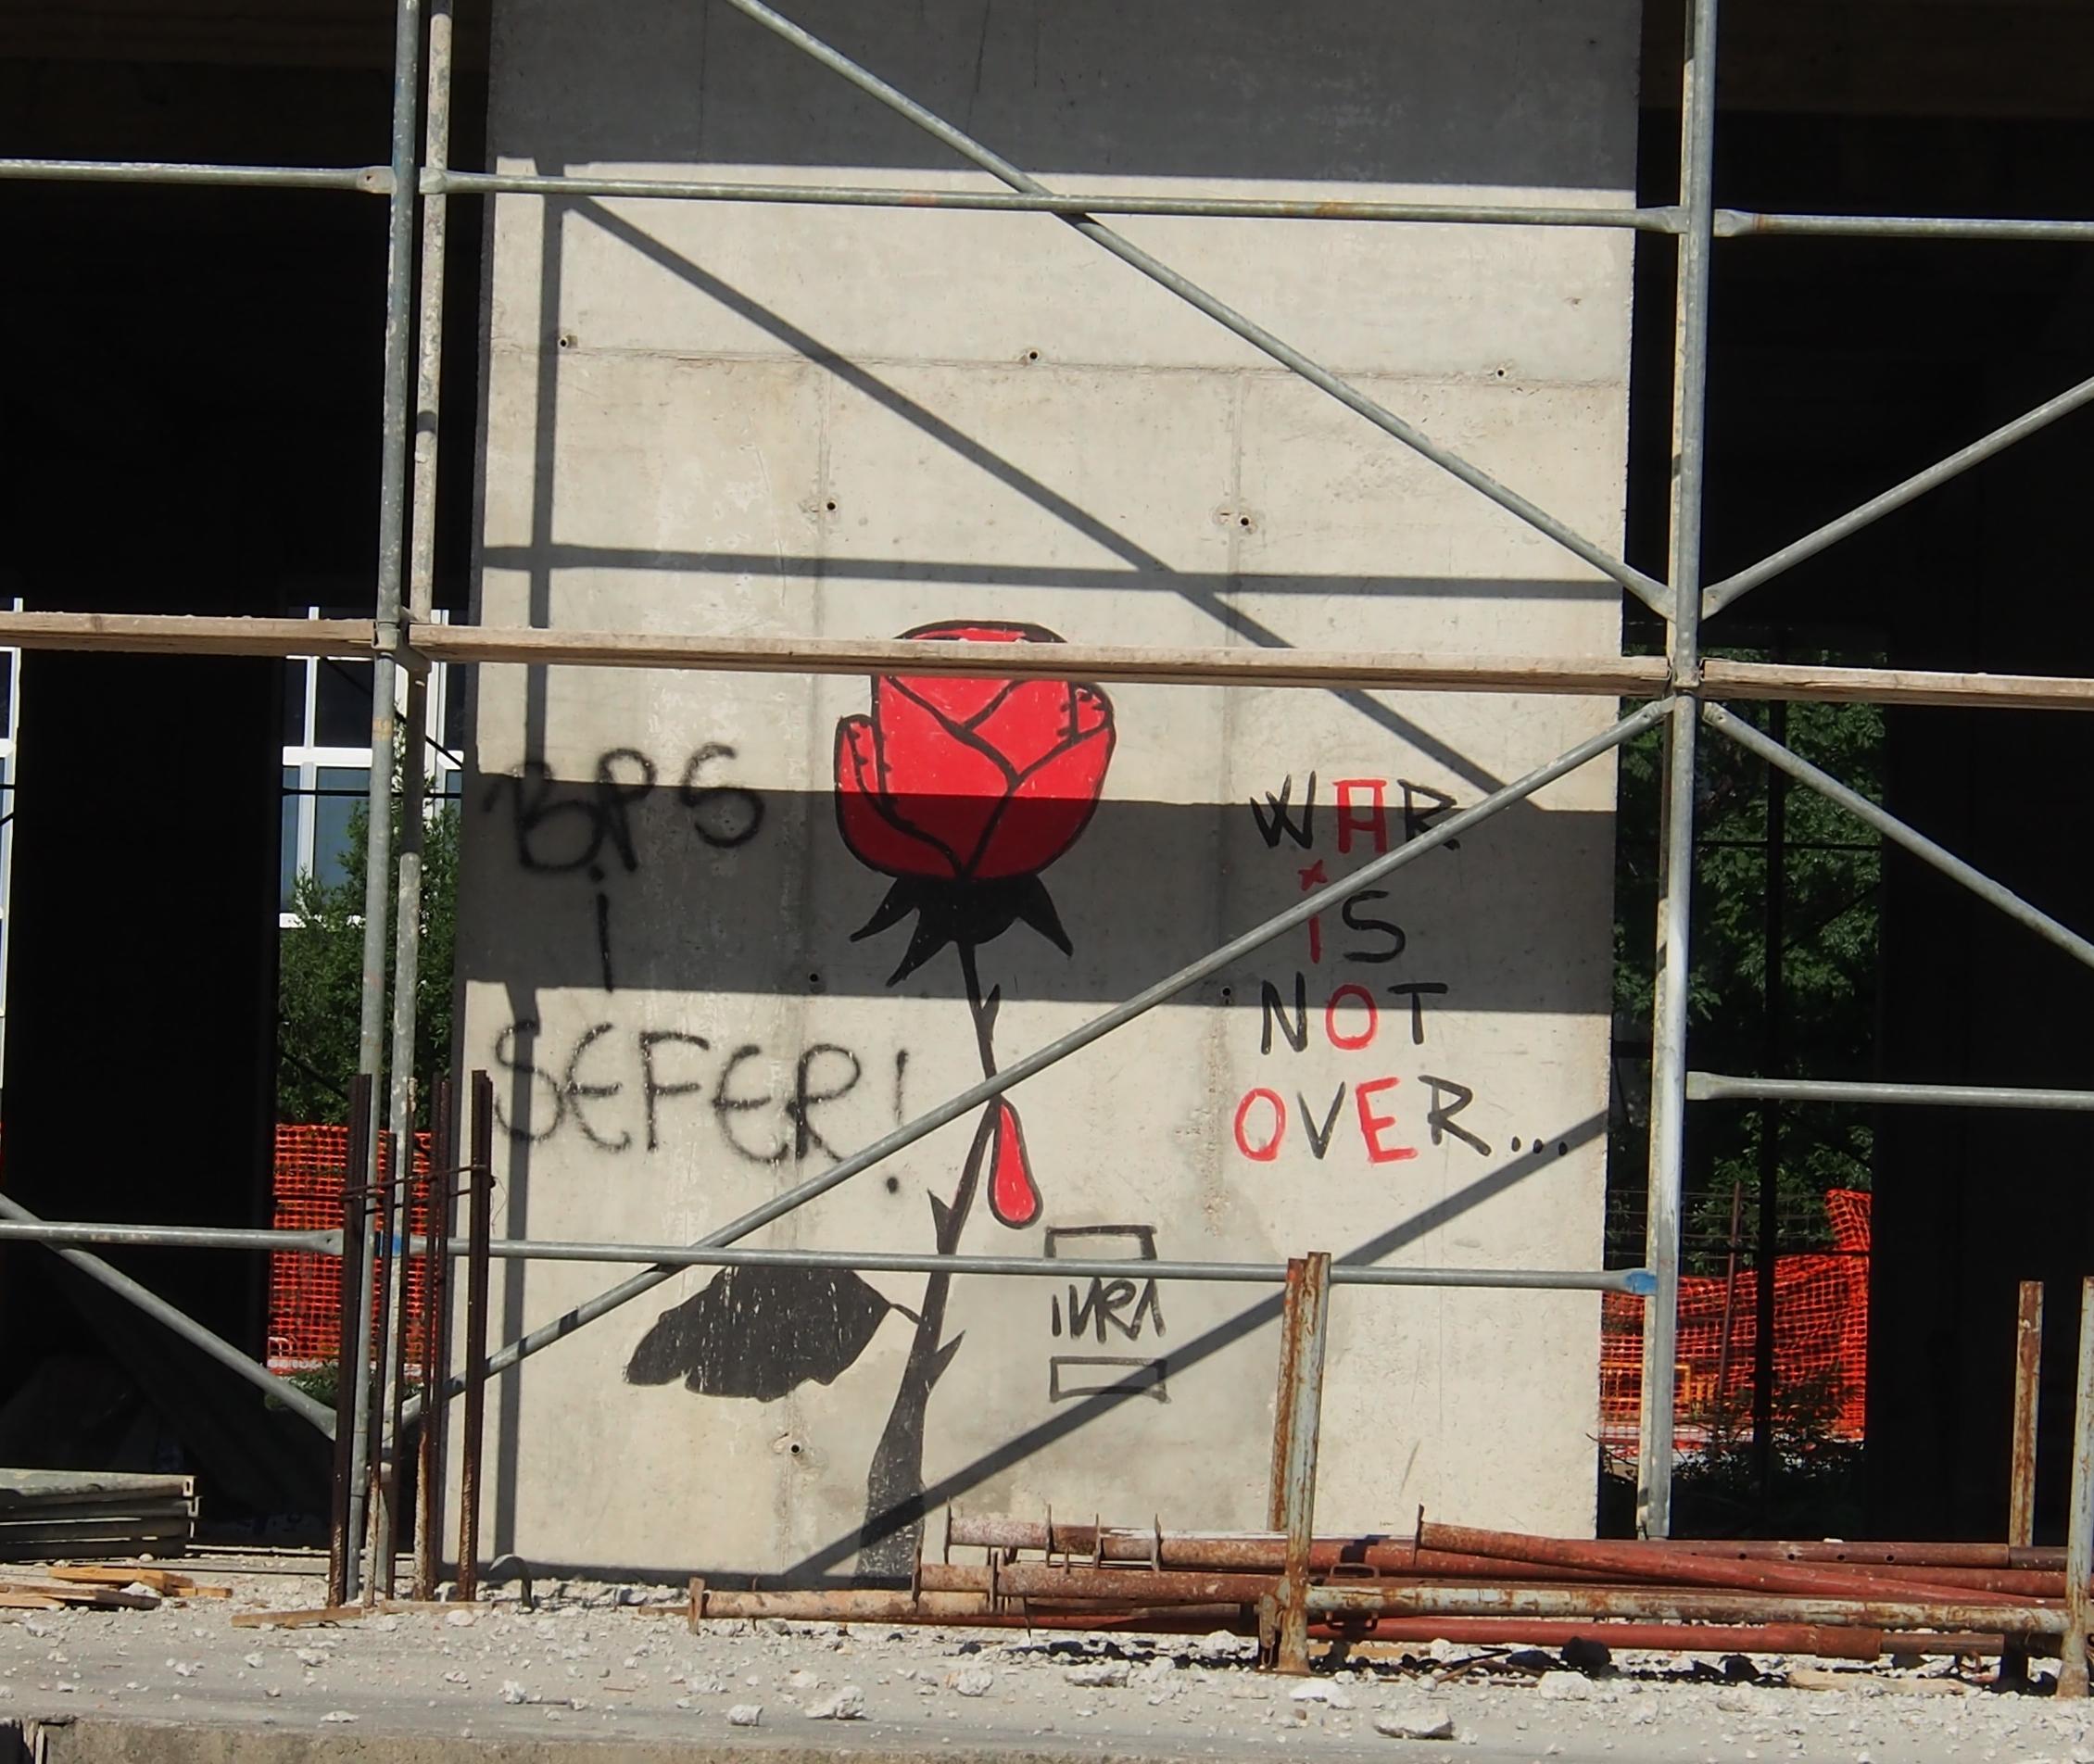 Odios_Mostar_2015